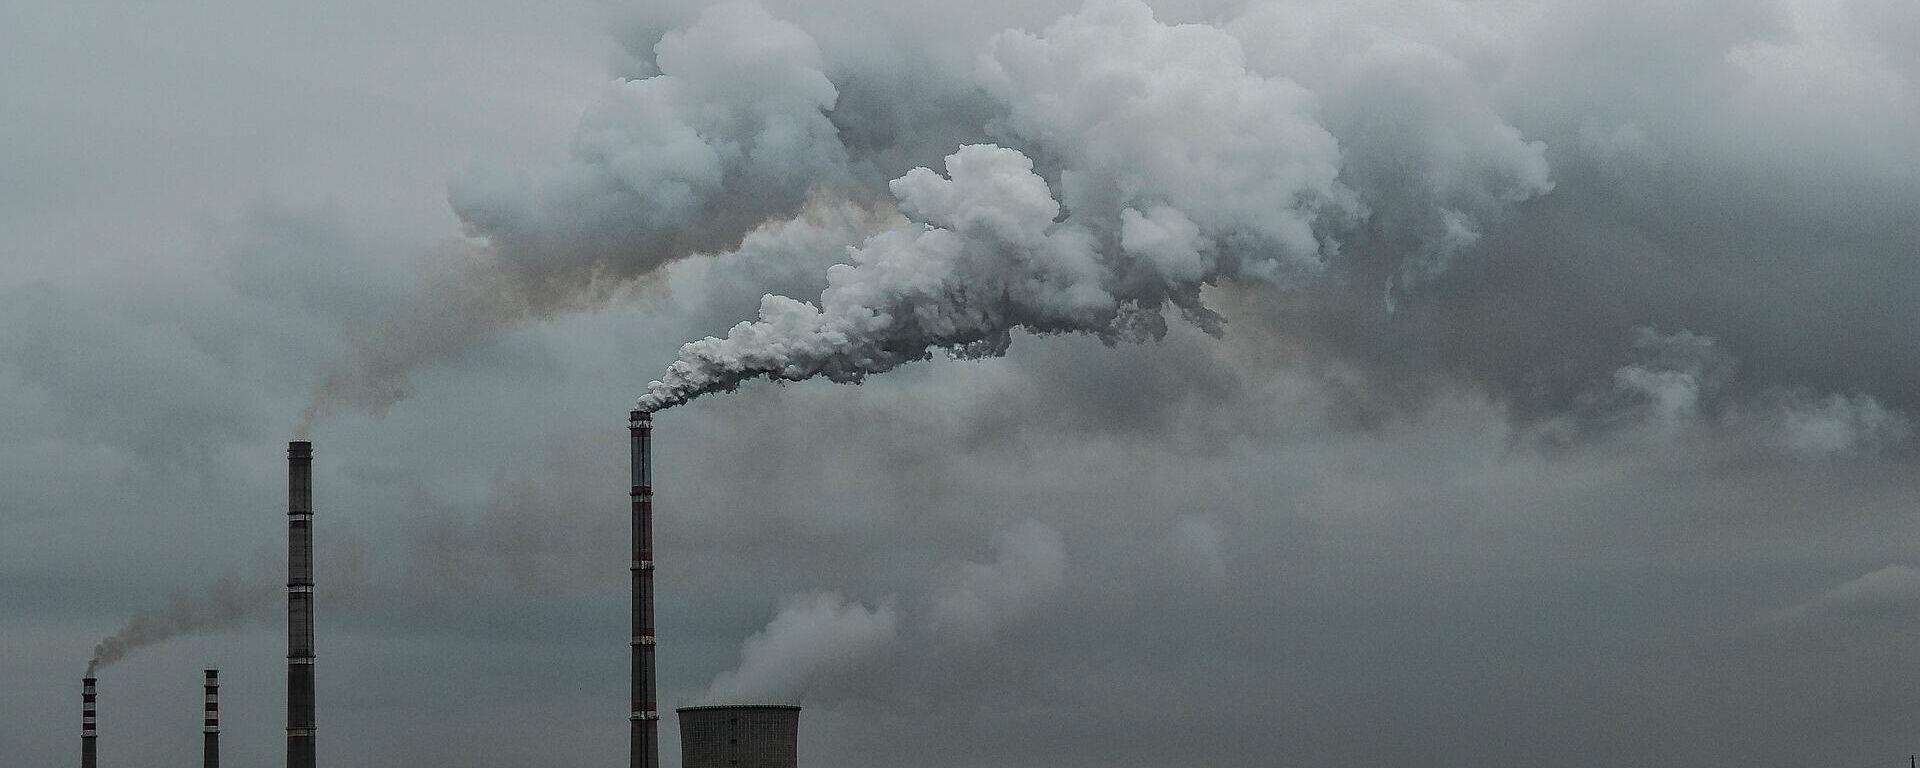 Emissionen - SNA, 1920, 21.04.2021